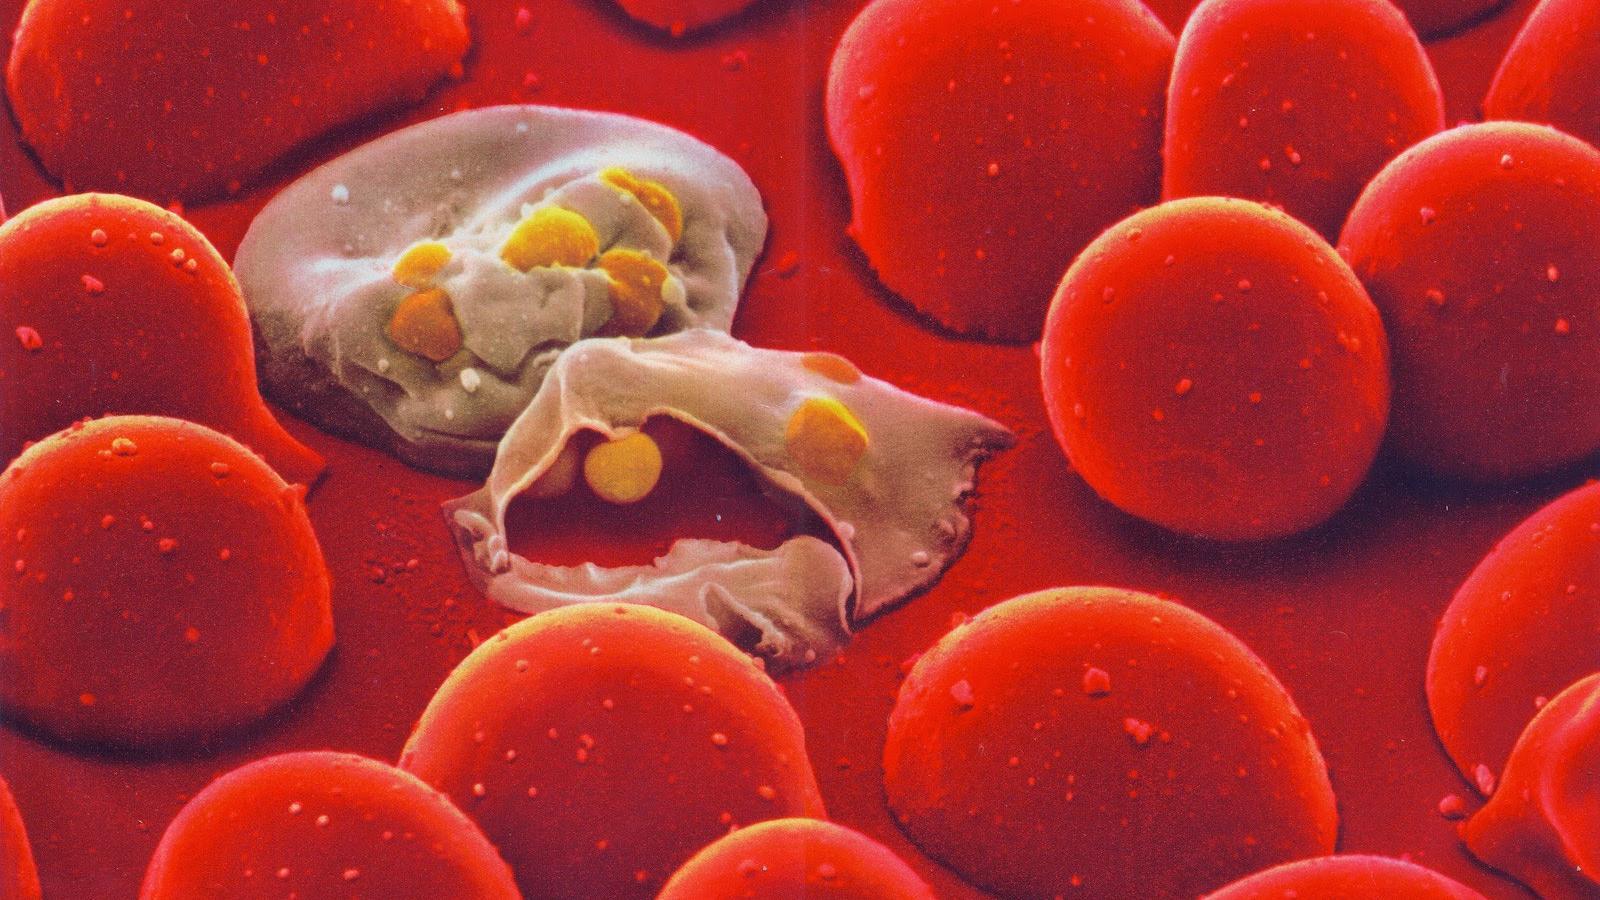 У малярийных плазмодиев нашли собственные биологические часы